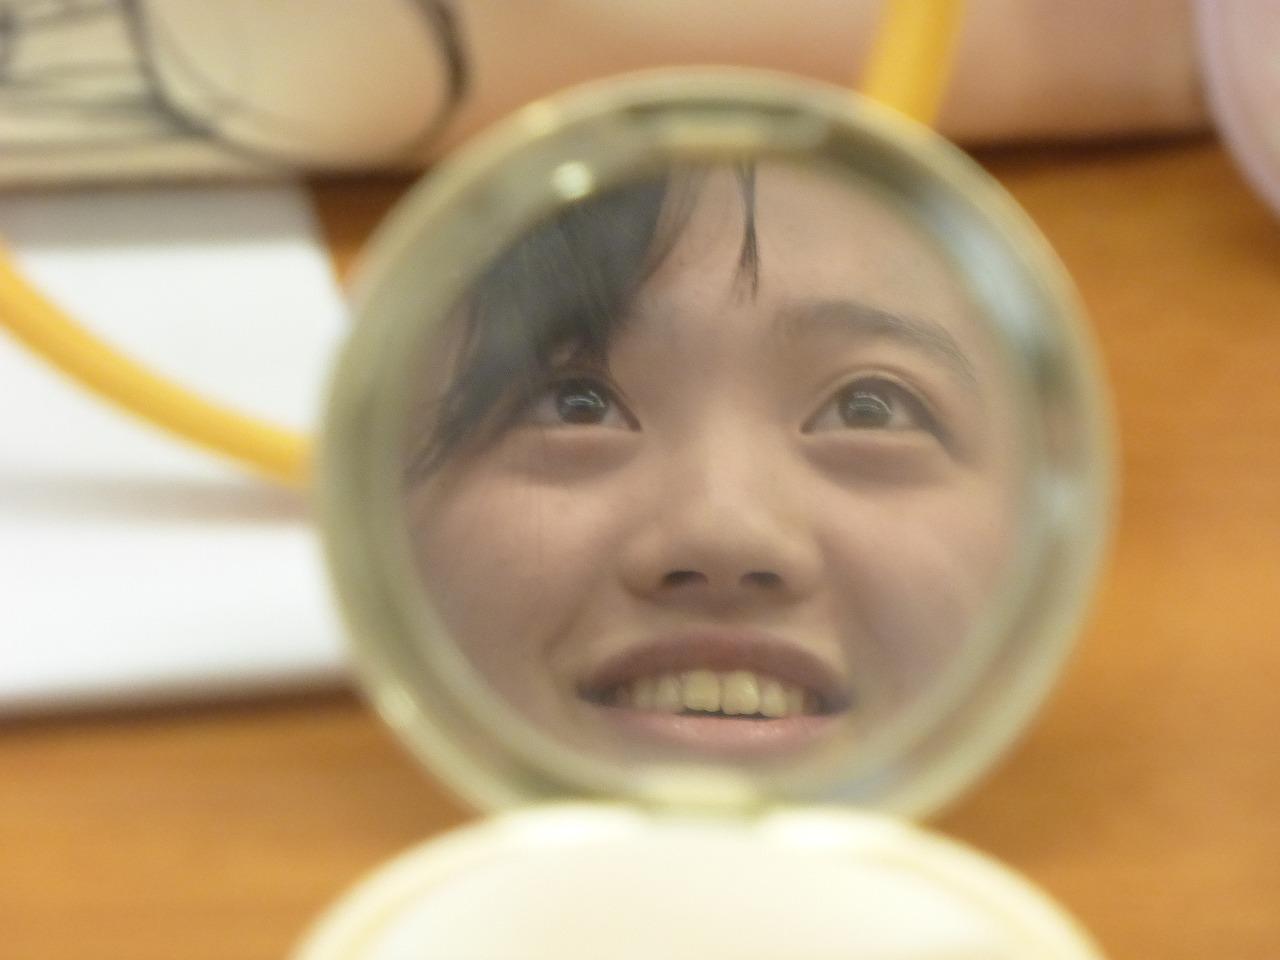 愛ちゃん!!(愛)